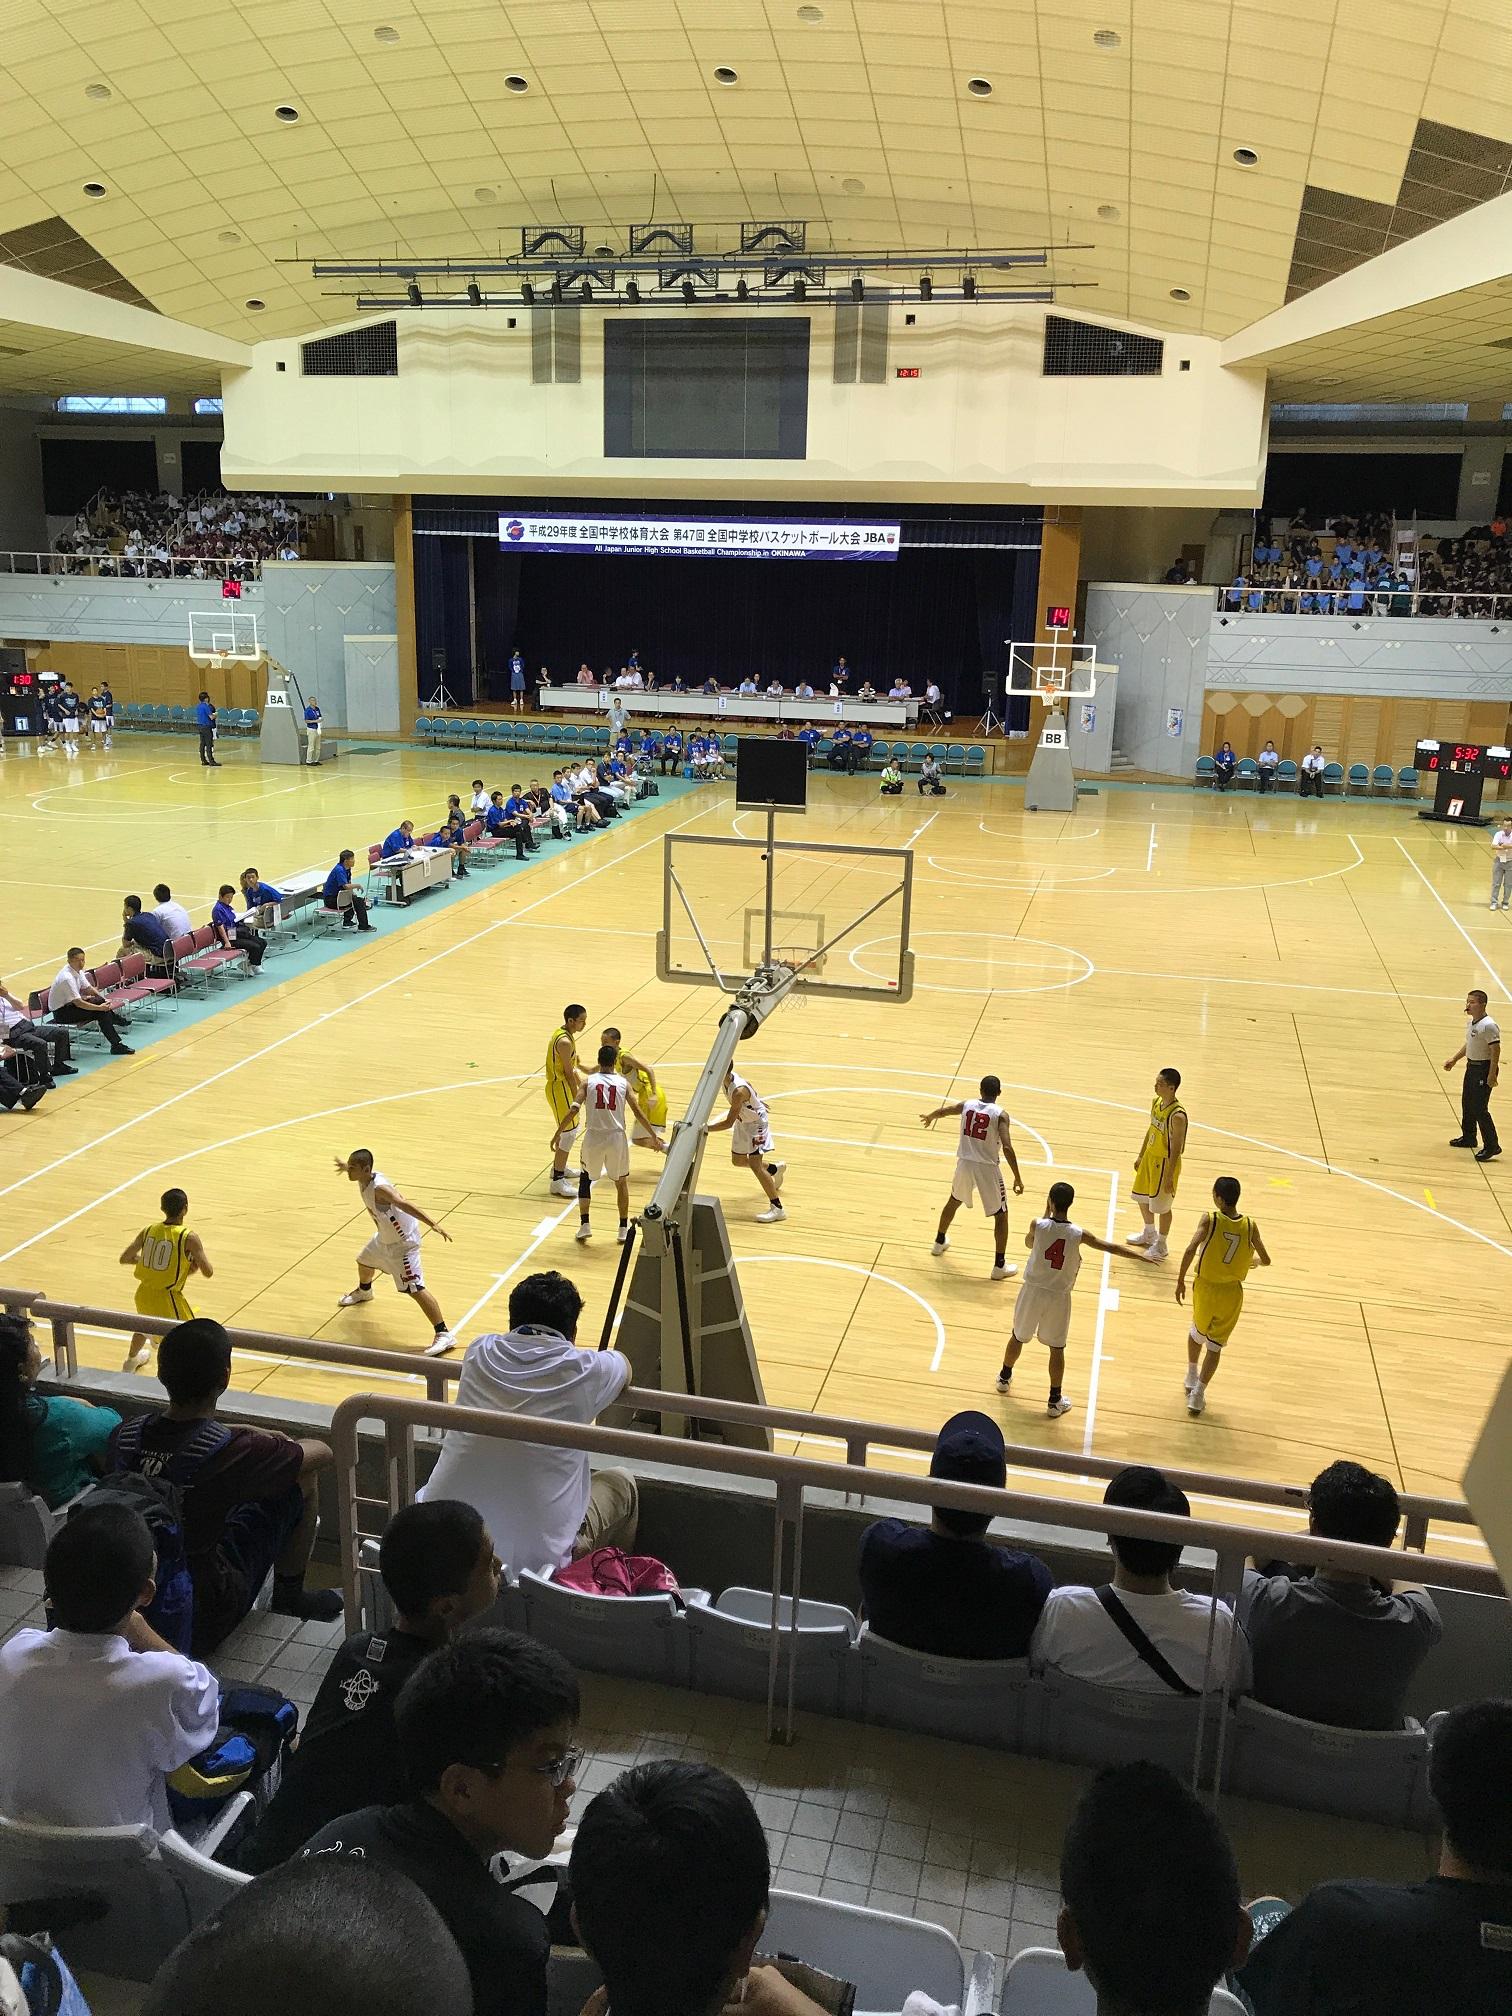 第47回全国中学校バスケットボール大会、男子決勝トーナメント!